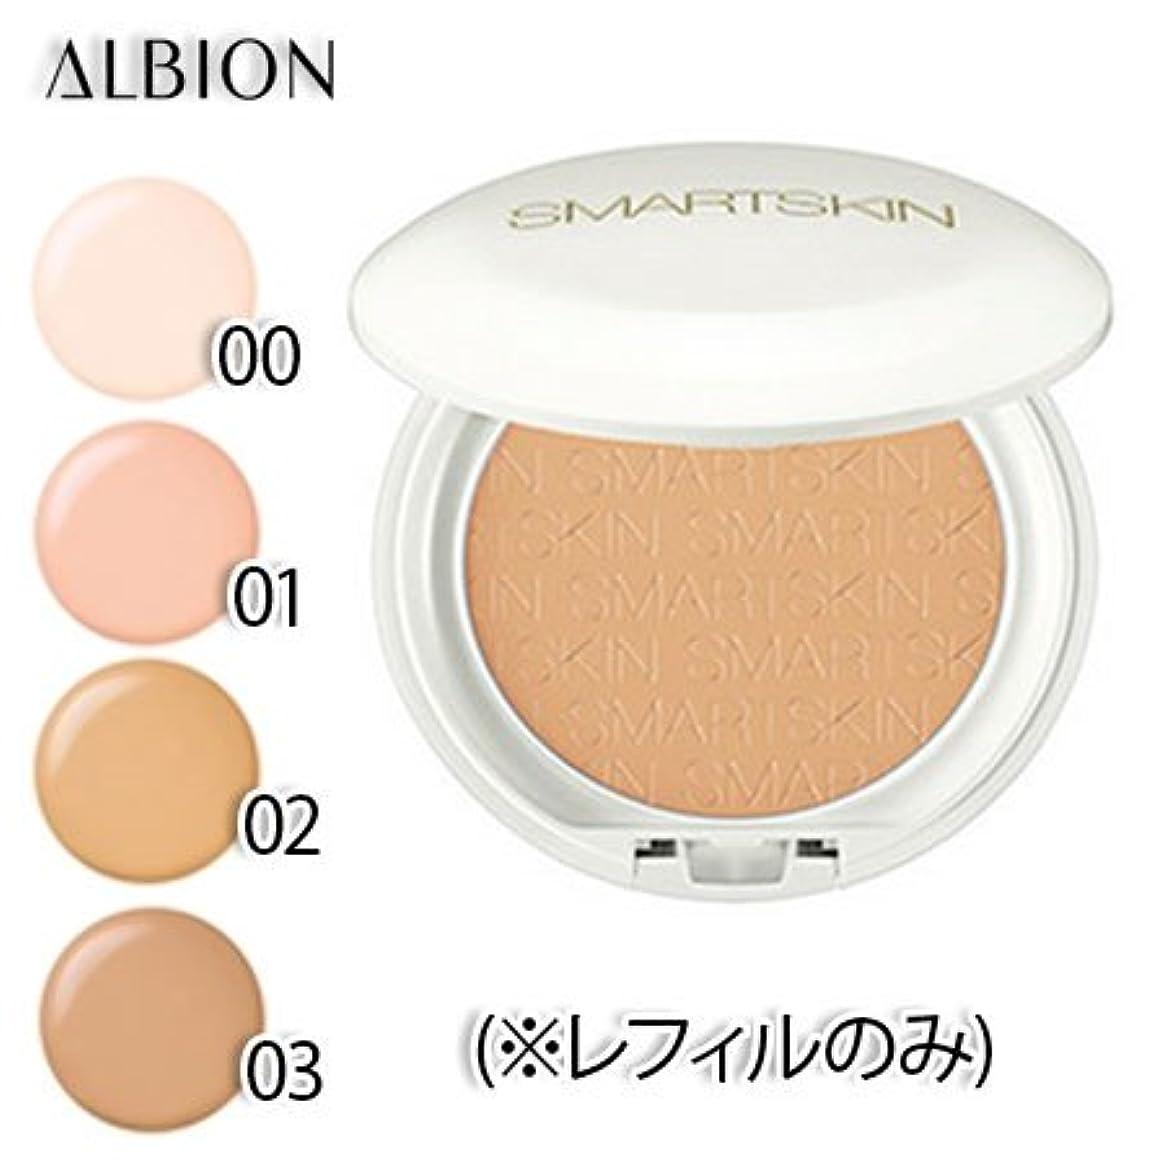 シプリー彼女の郡アルビオン スマートスキン ホワイトレア 全4色 (レフィルのみ) SPF40 PA++++ 10g -ALBION- 00